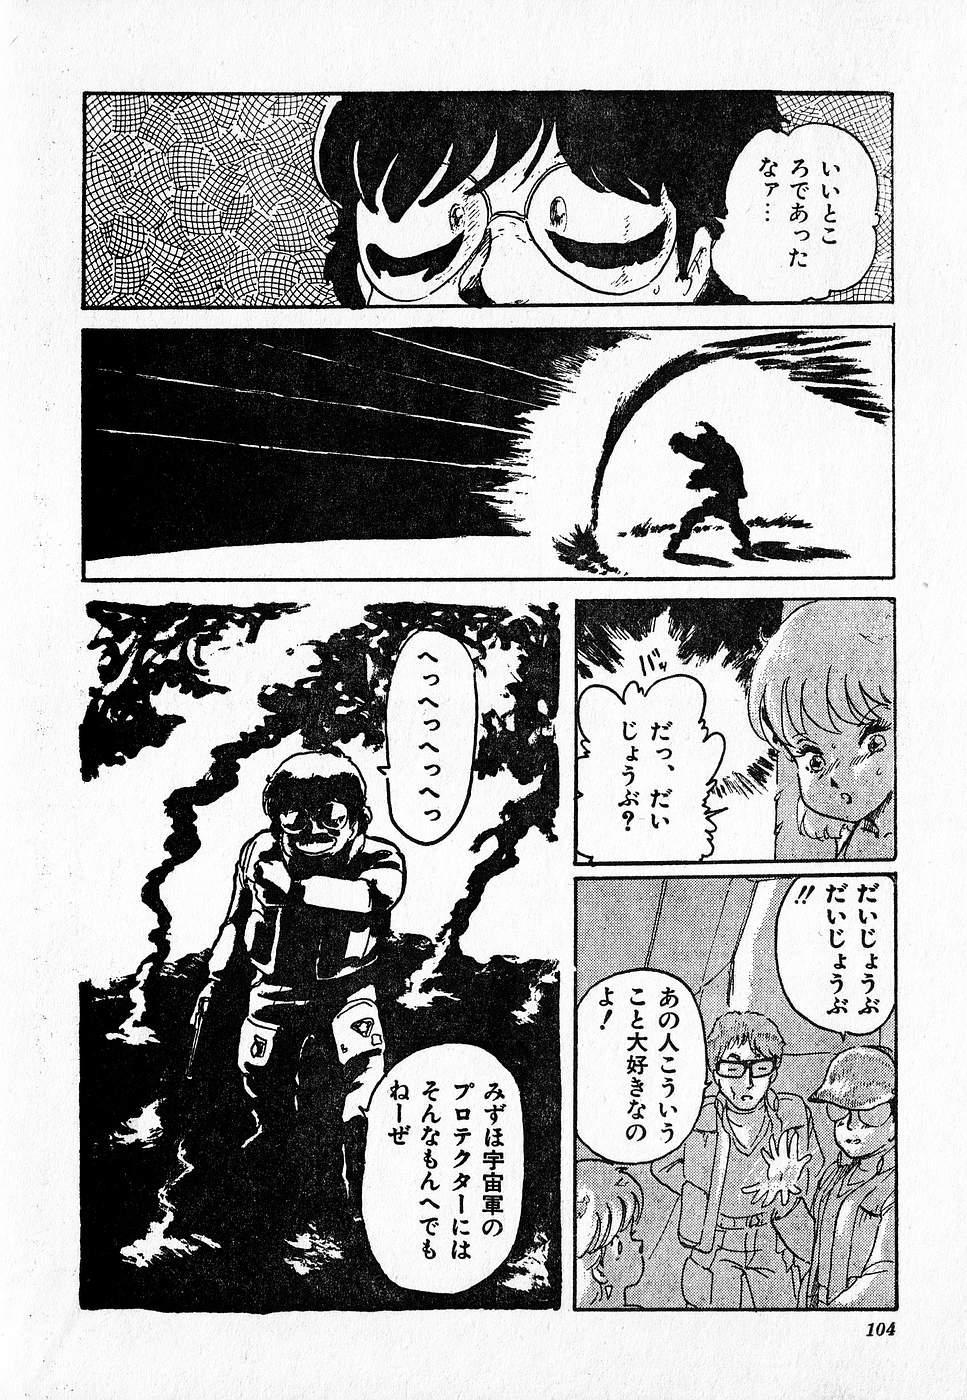 COMIC Lolipop 1985-10 Soukanjunbigou Aki 103